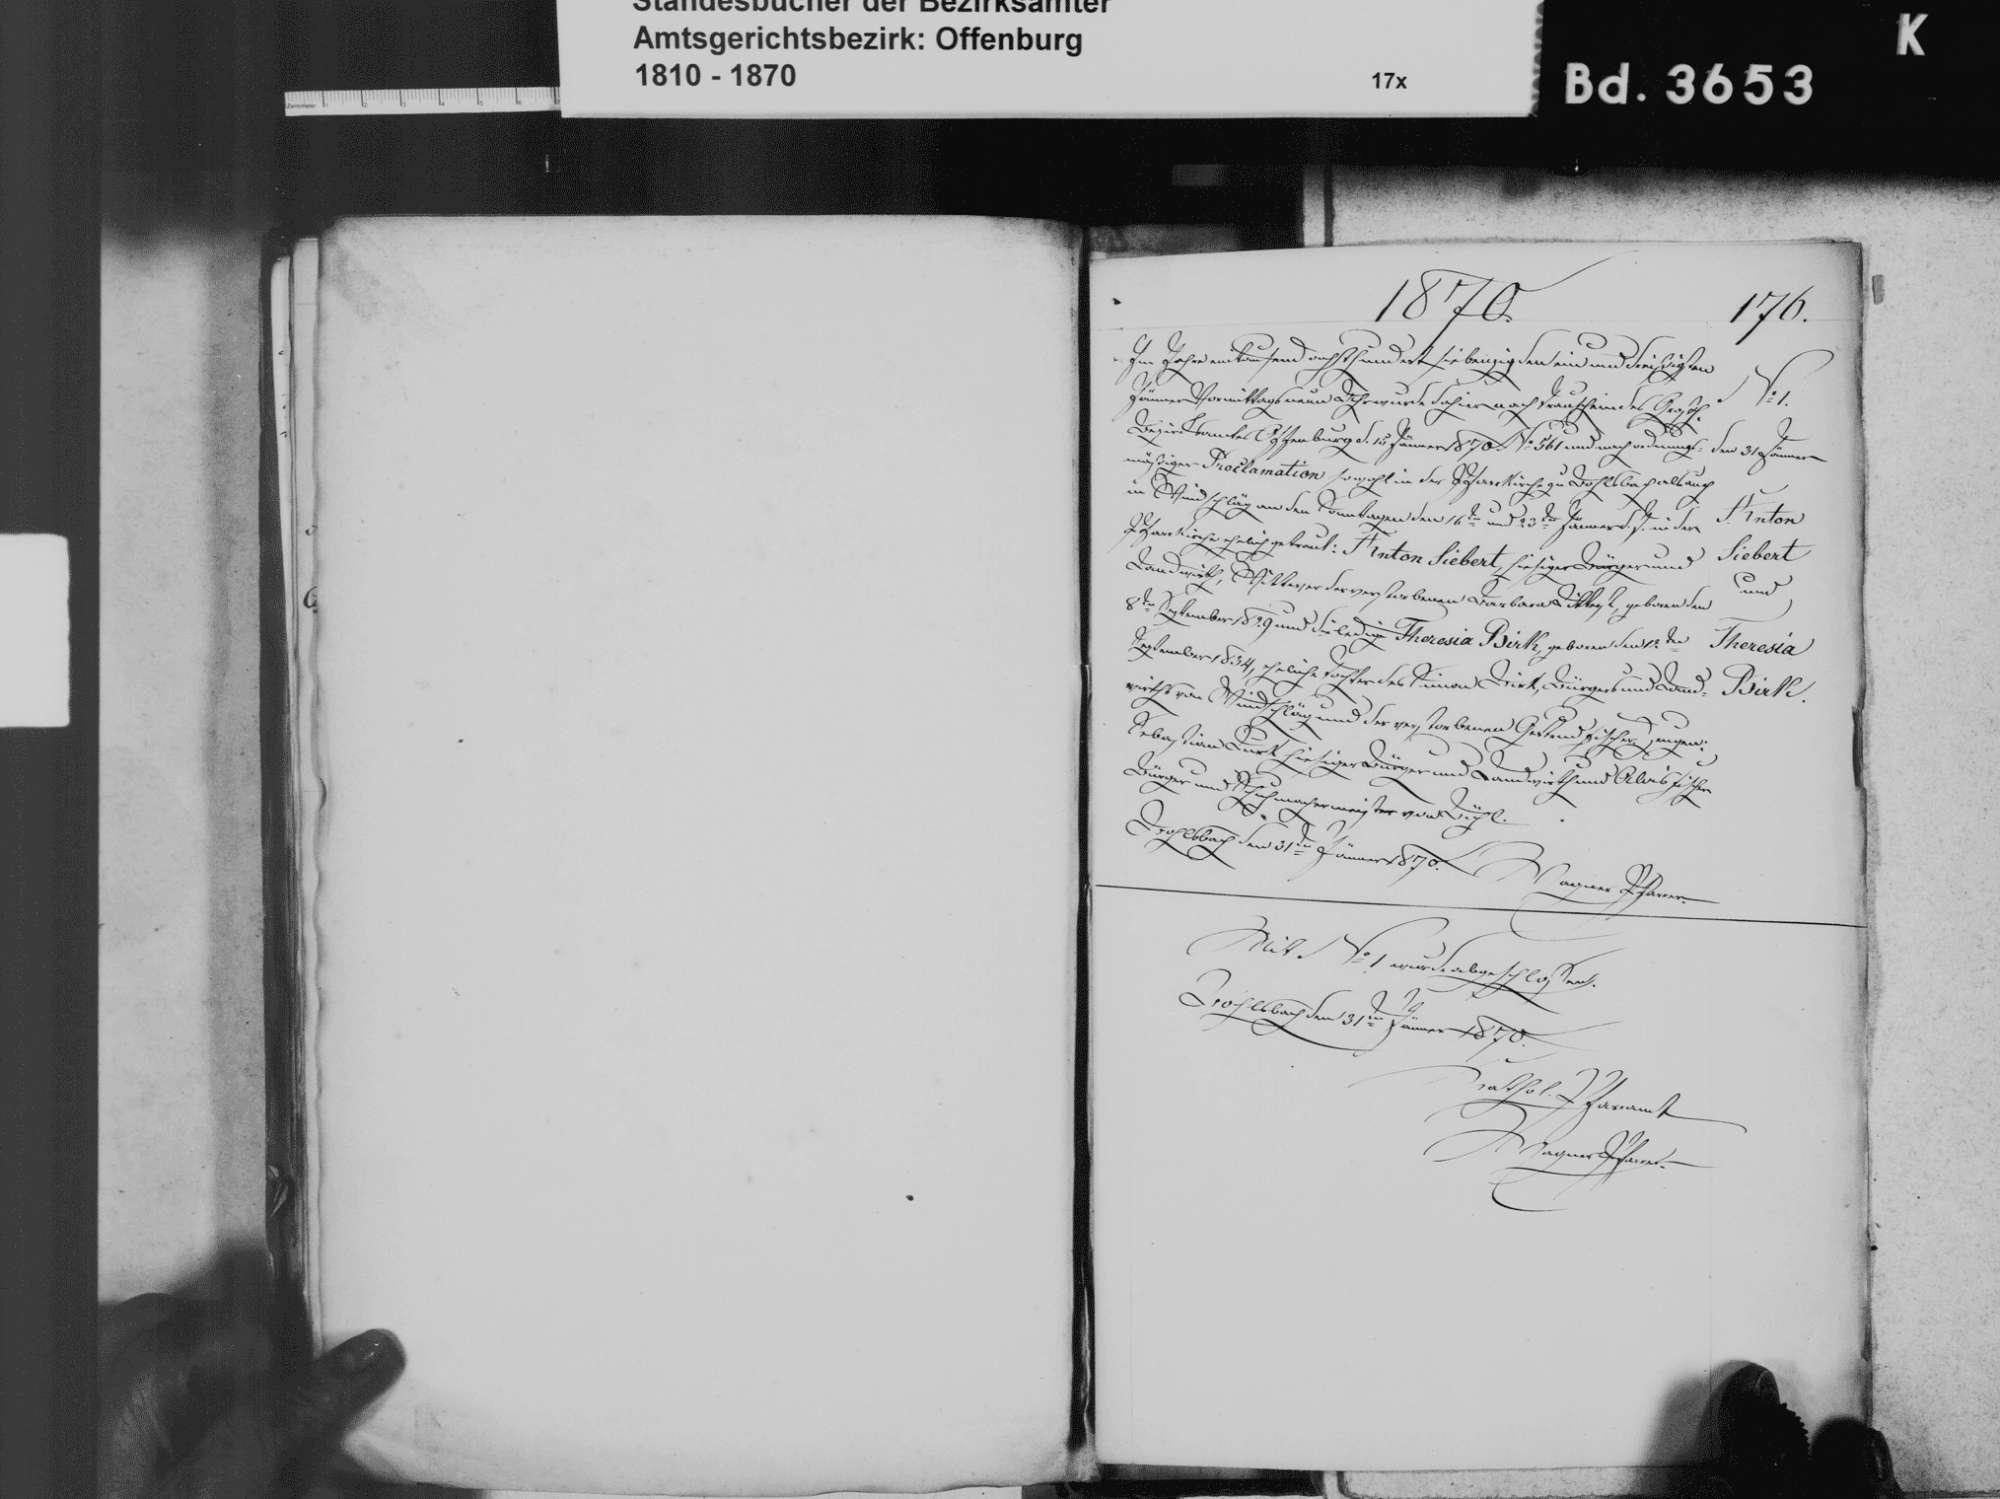 Bohlsbach, Offenburg OG; Katholische Gemeinde: Geburtenbuch 1831 Bohlsbach, Offenburg OG; Katholische Gemeinde: Heiratsbuch 1811-1870, Bild 1